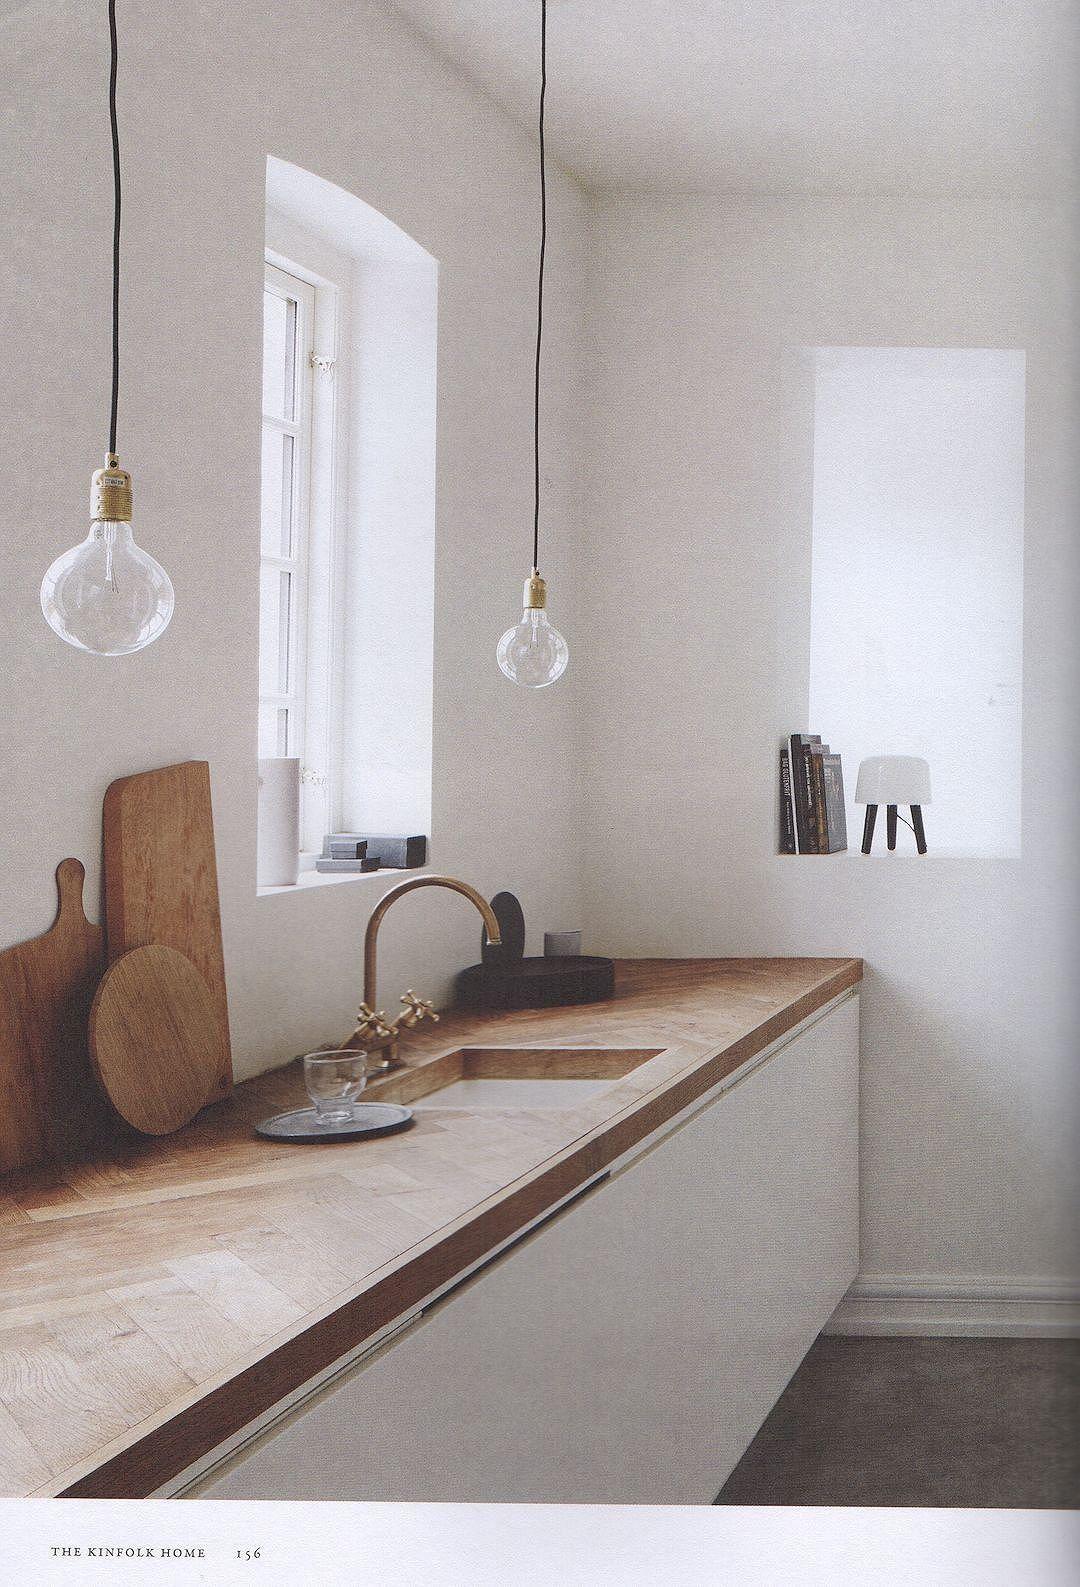 12 Nice Ideas for Your Modern Kitchen Design | Arbeitsplatte und Küche